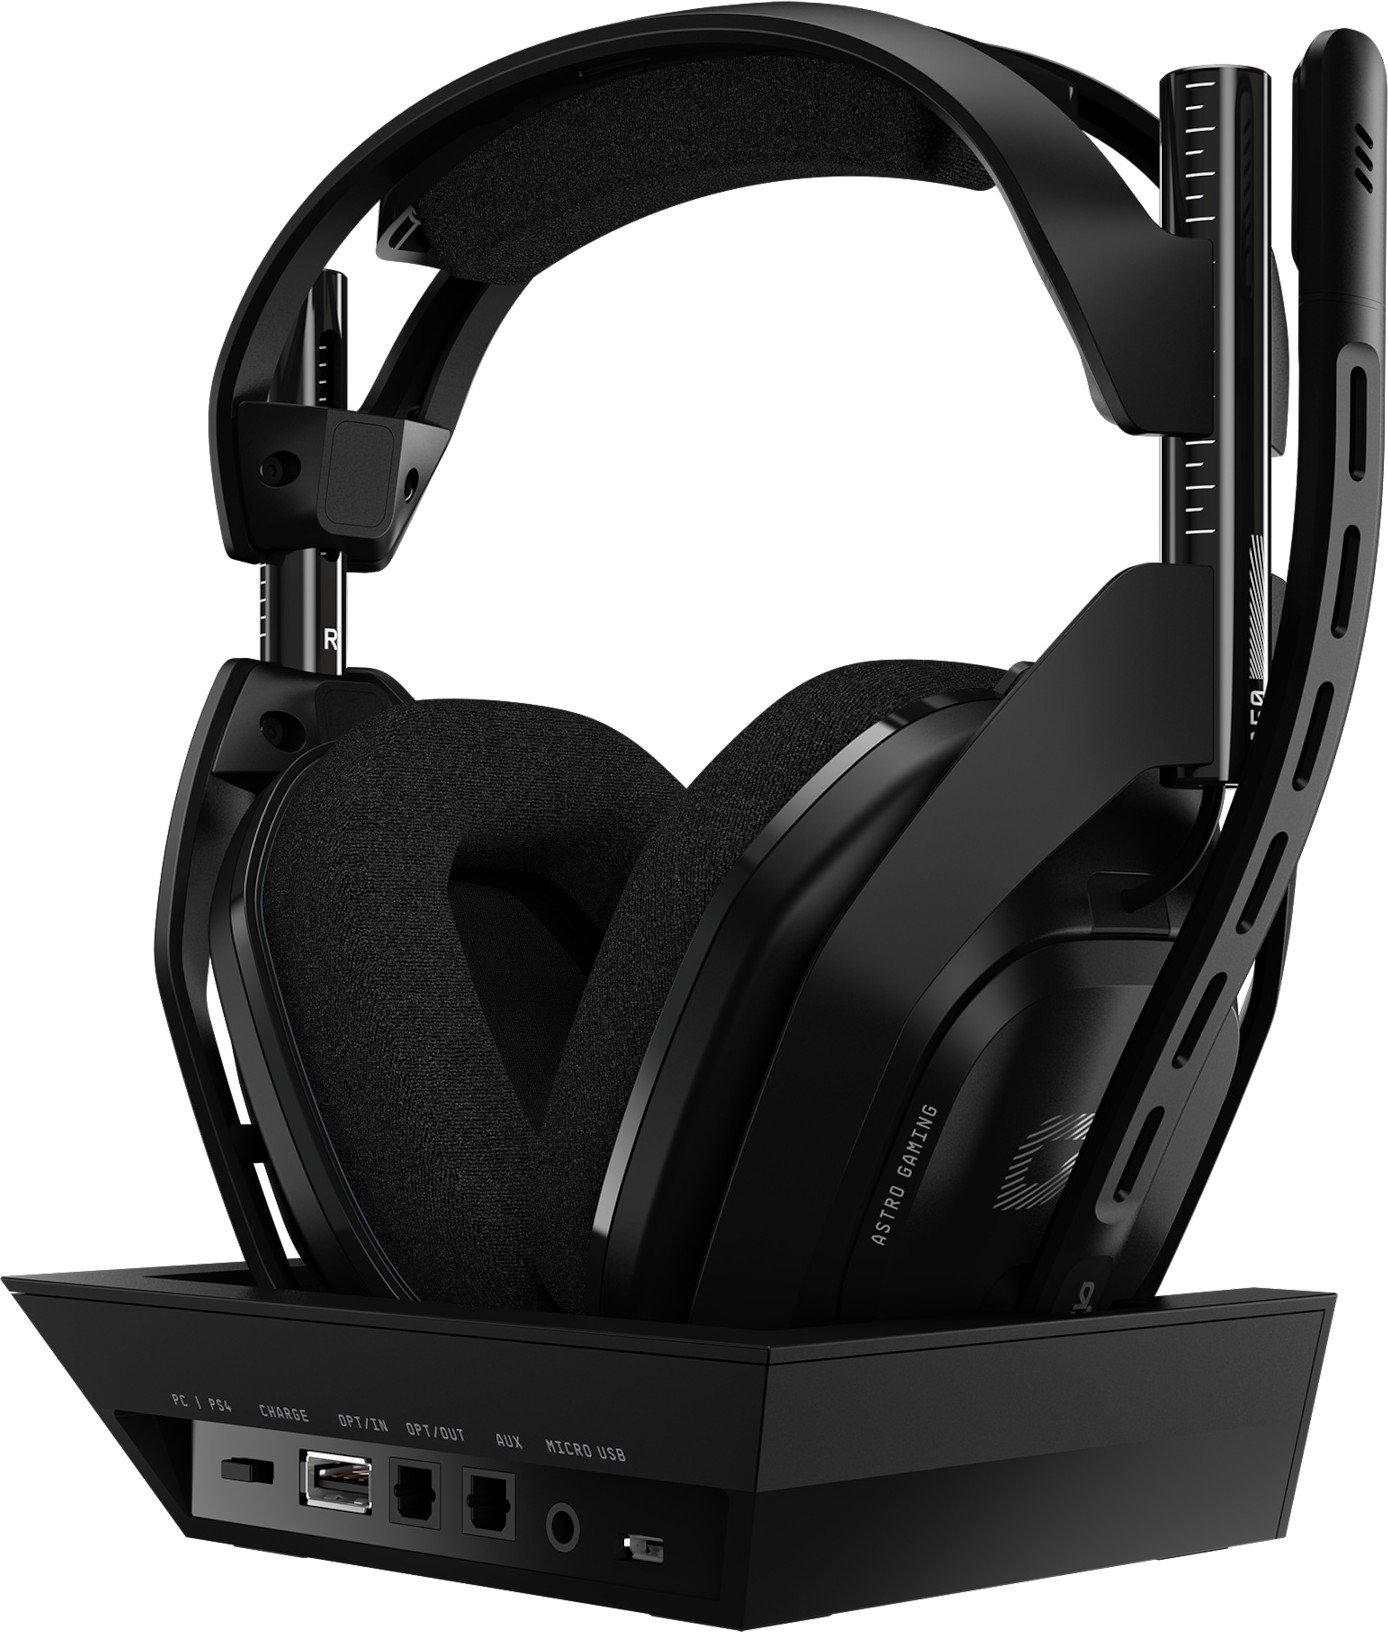 Best pris på Astro A50 4th Gen PS4PC Se priser før kjøp i